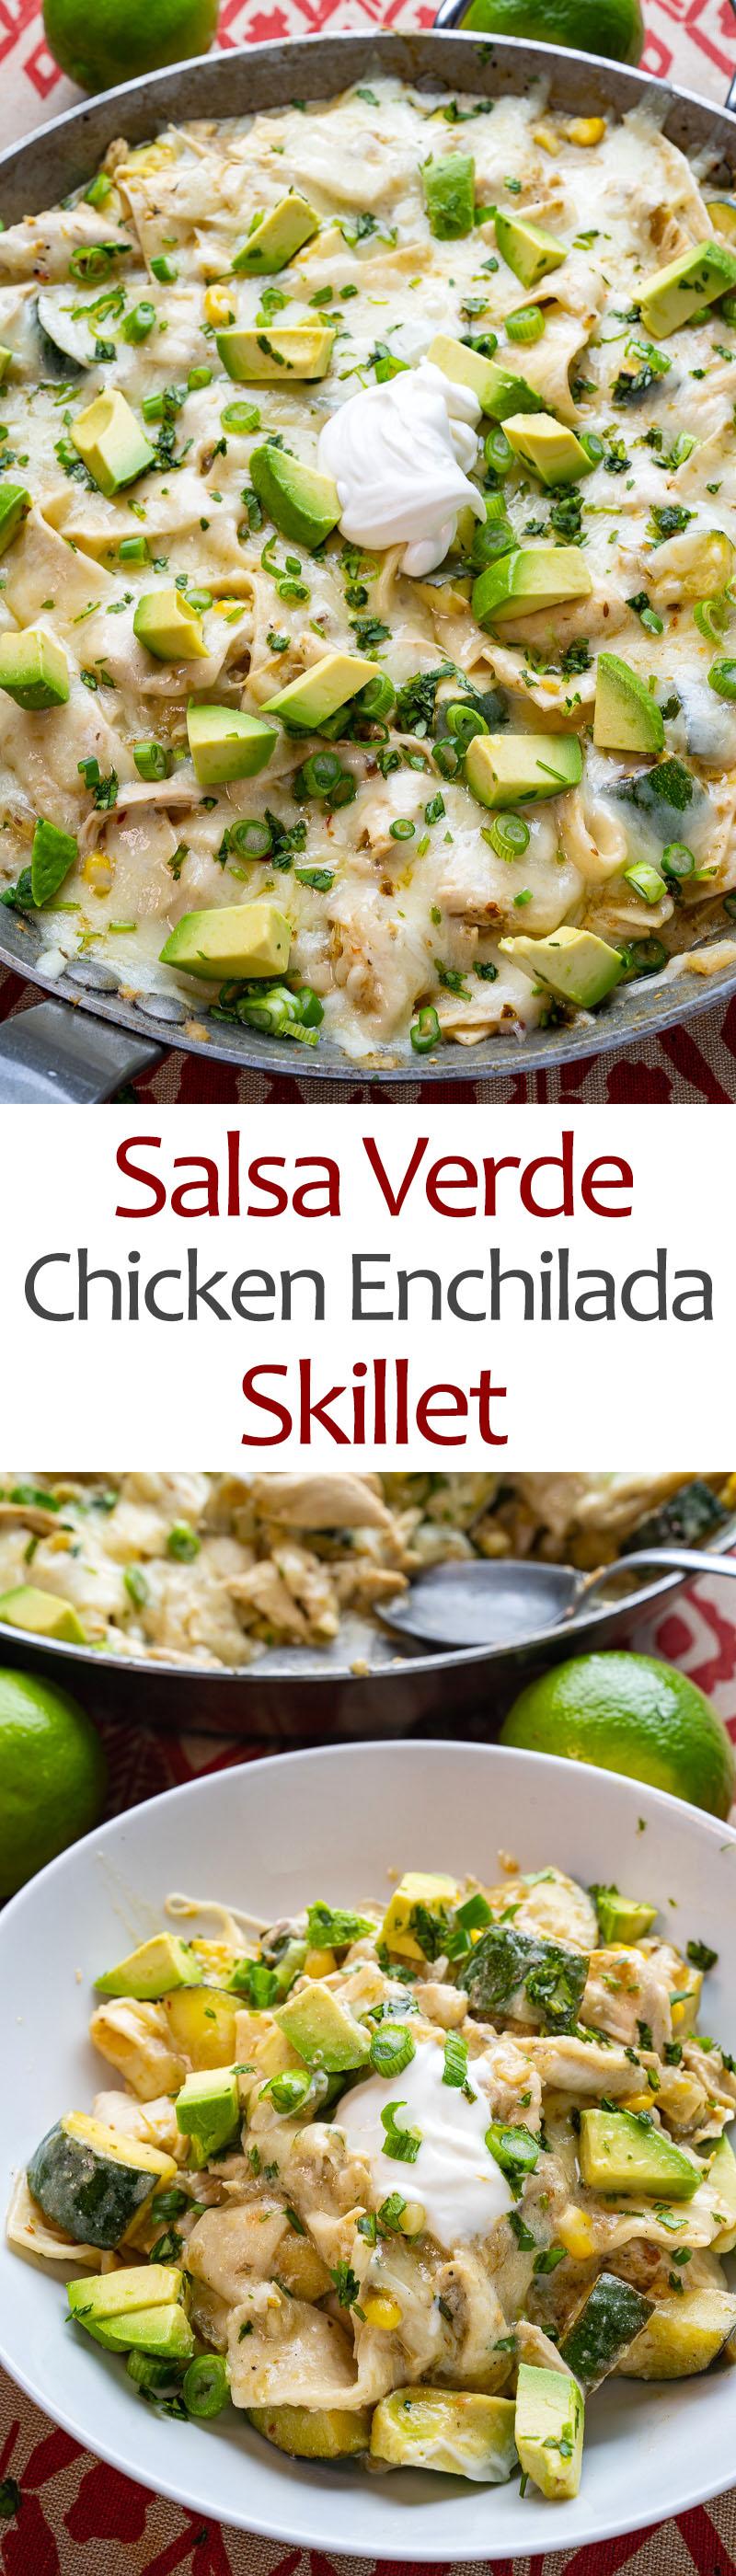 Salsa Verde Chicken Enchilada Skillet